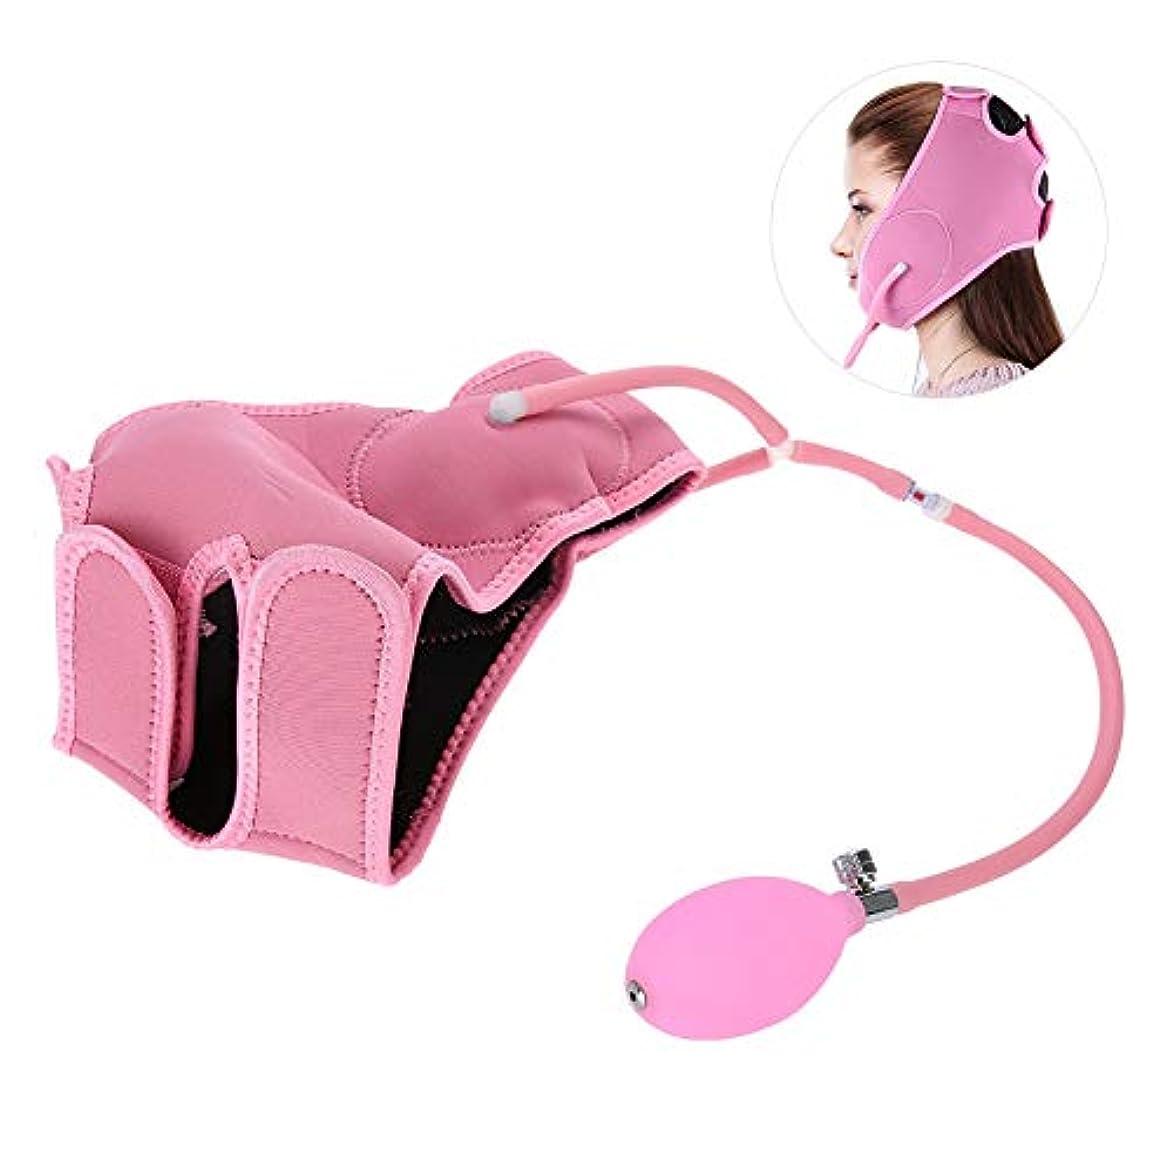 魅惑的な風ちなみにエアバッグ、美顔術および細くおよび顔の持ち上がることのための是正包帯が付いている顔の修正マスク